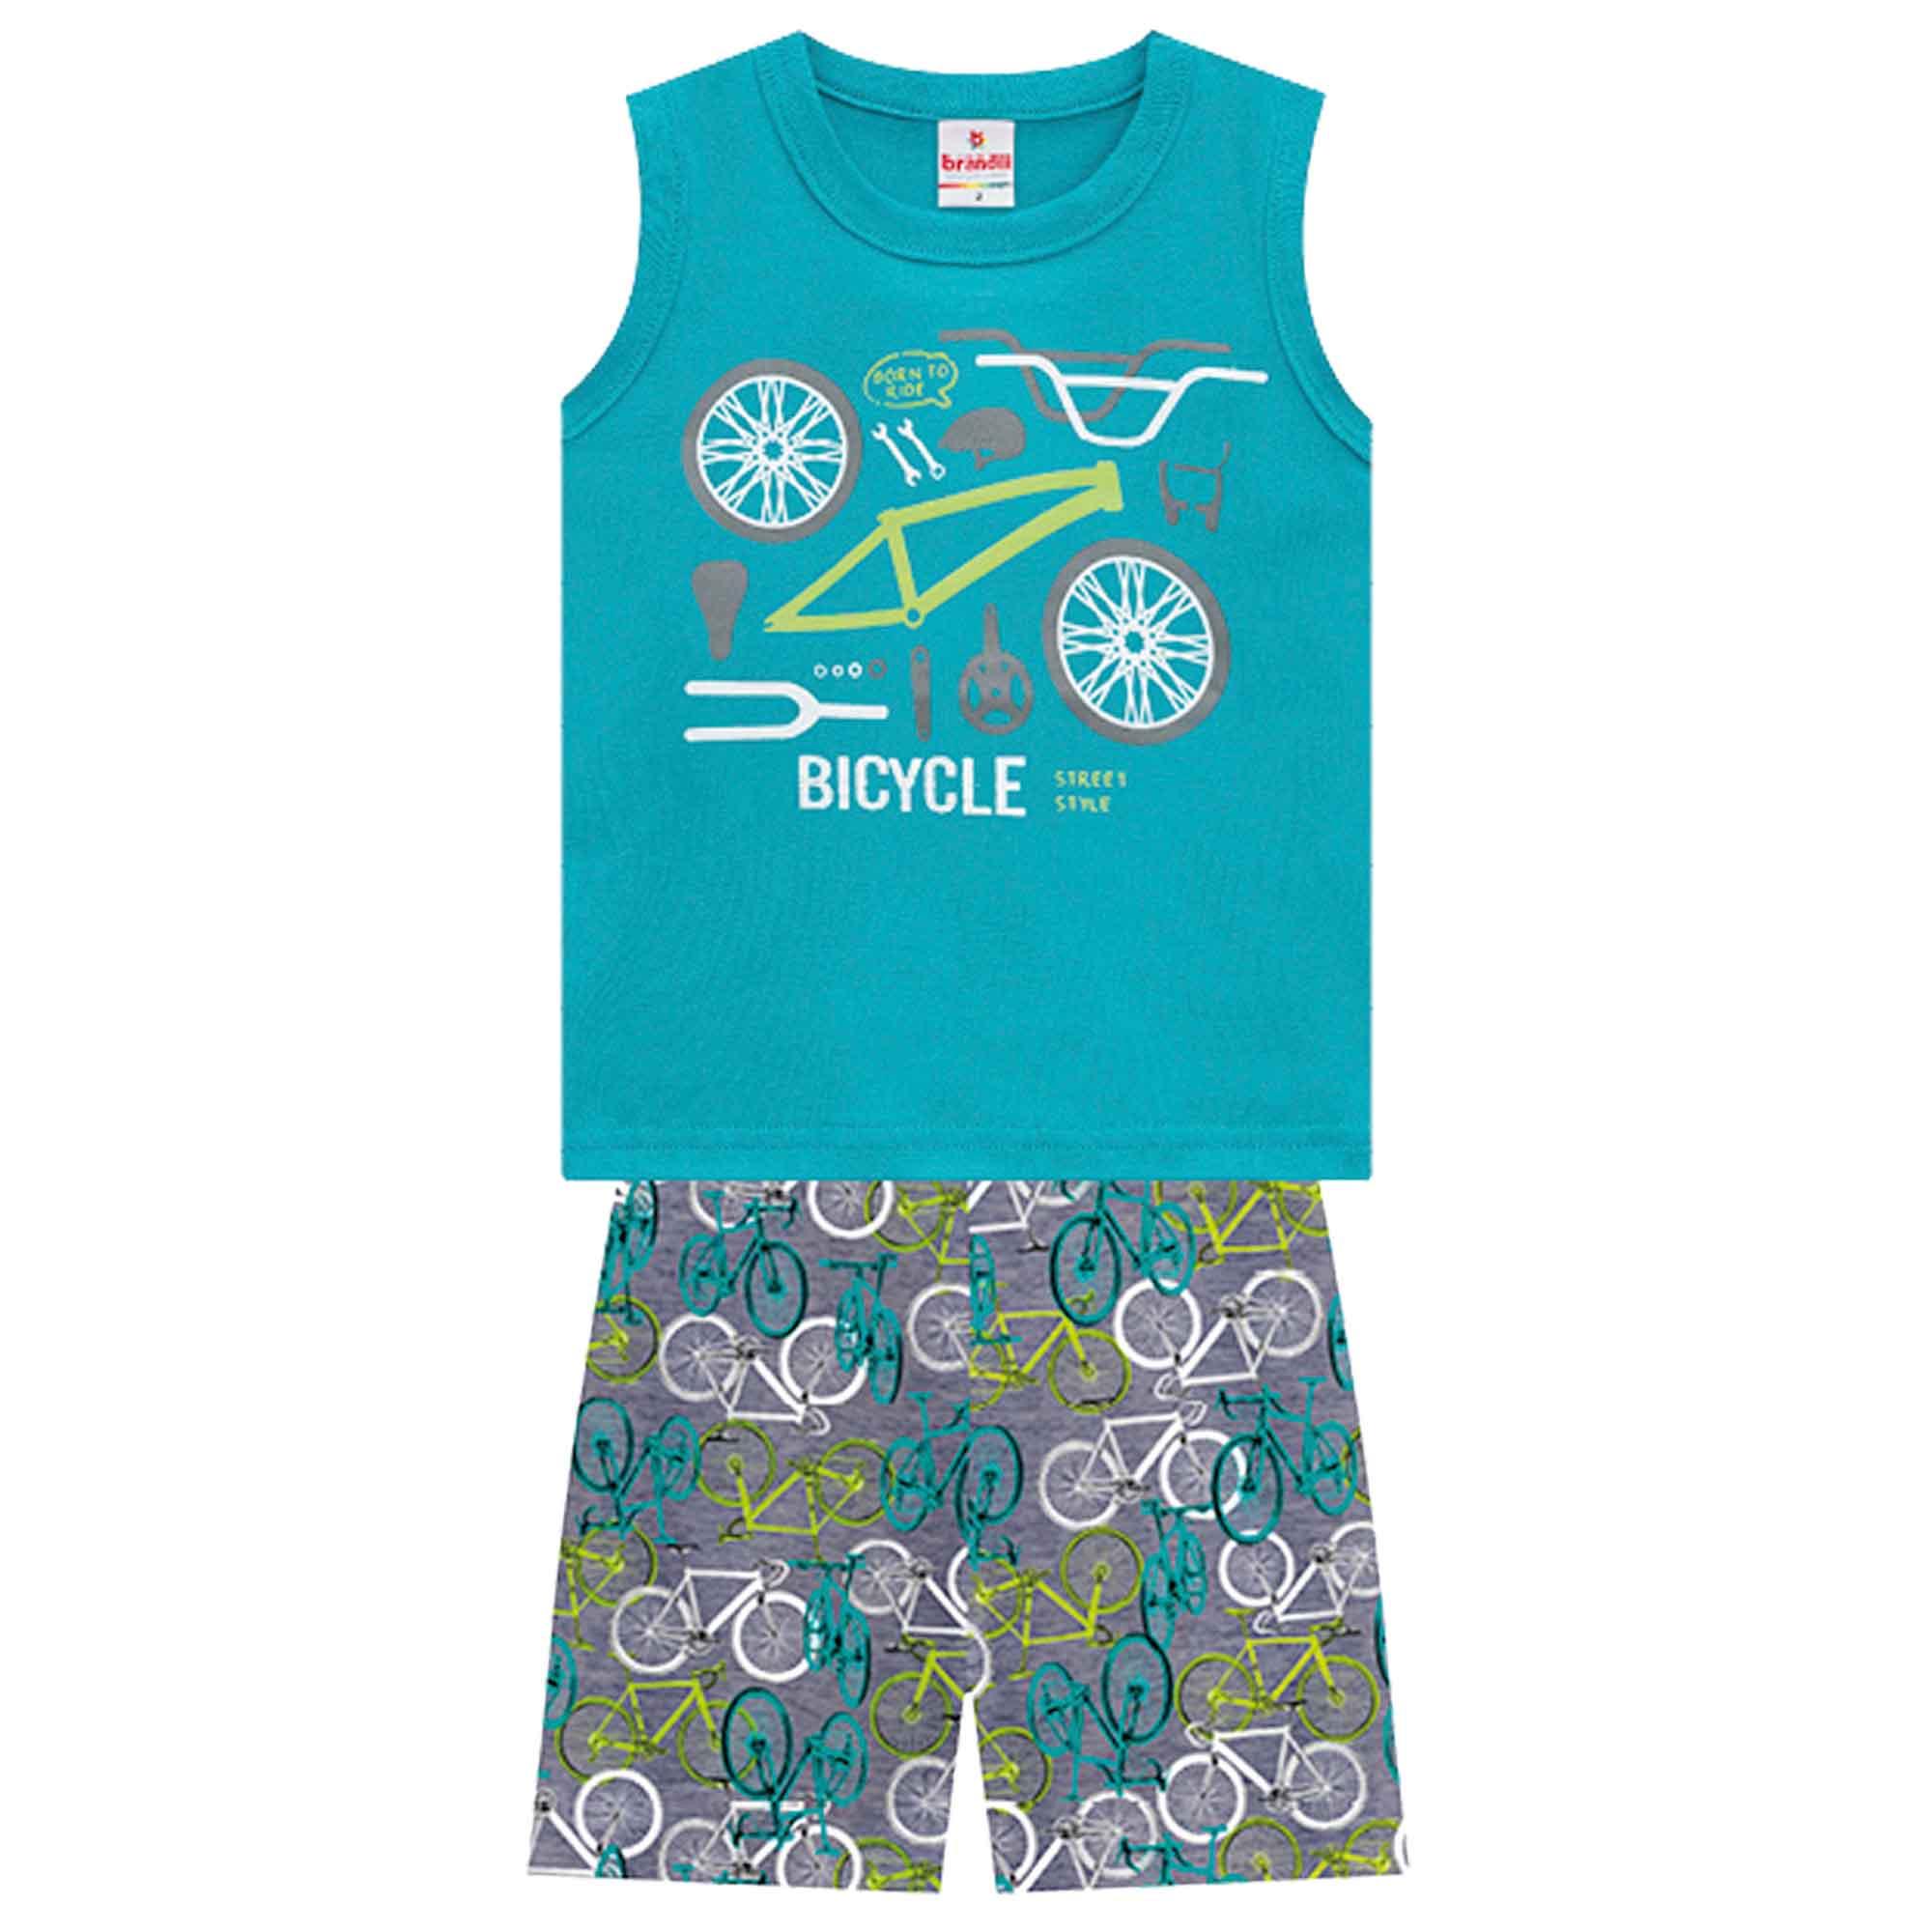 Conjunto Verão Brandili Regata Bicycle com Bermuda Moletinho - 1 ao 3